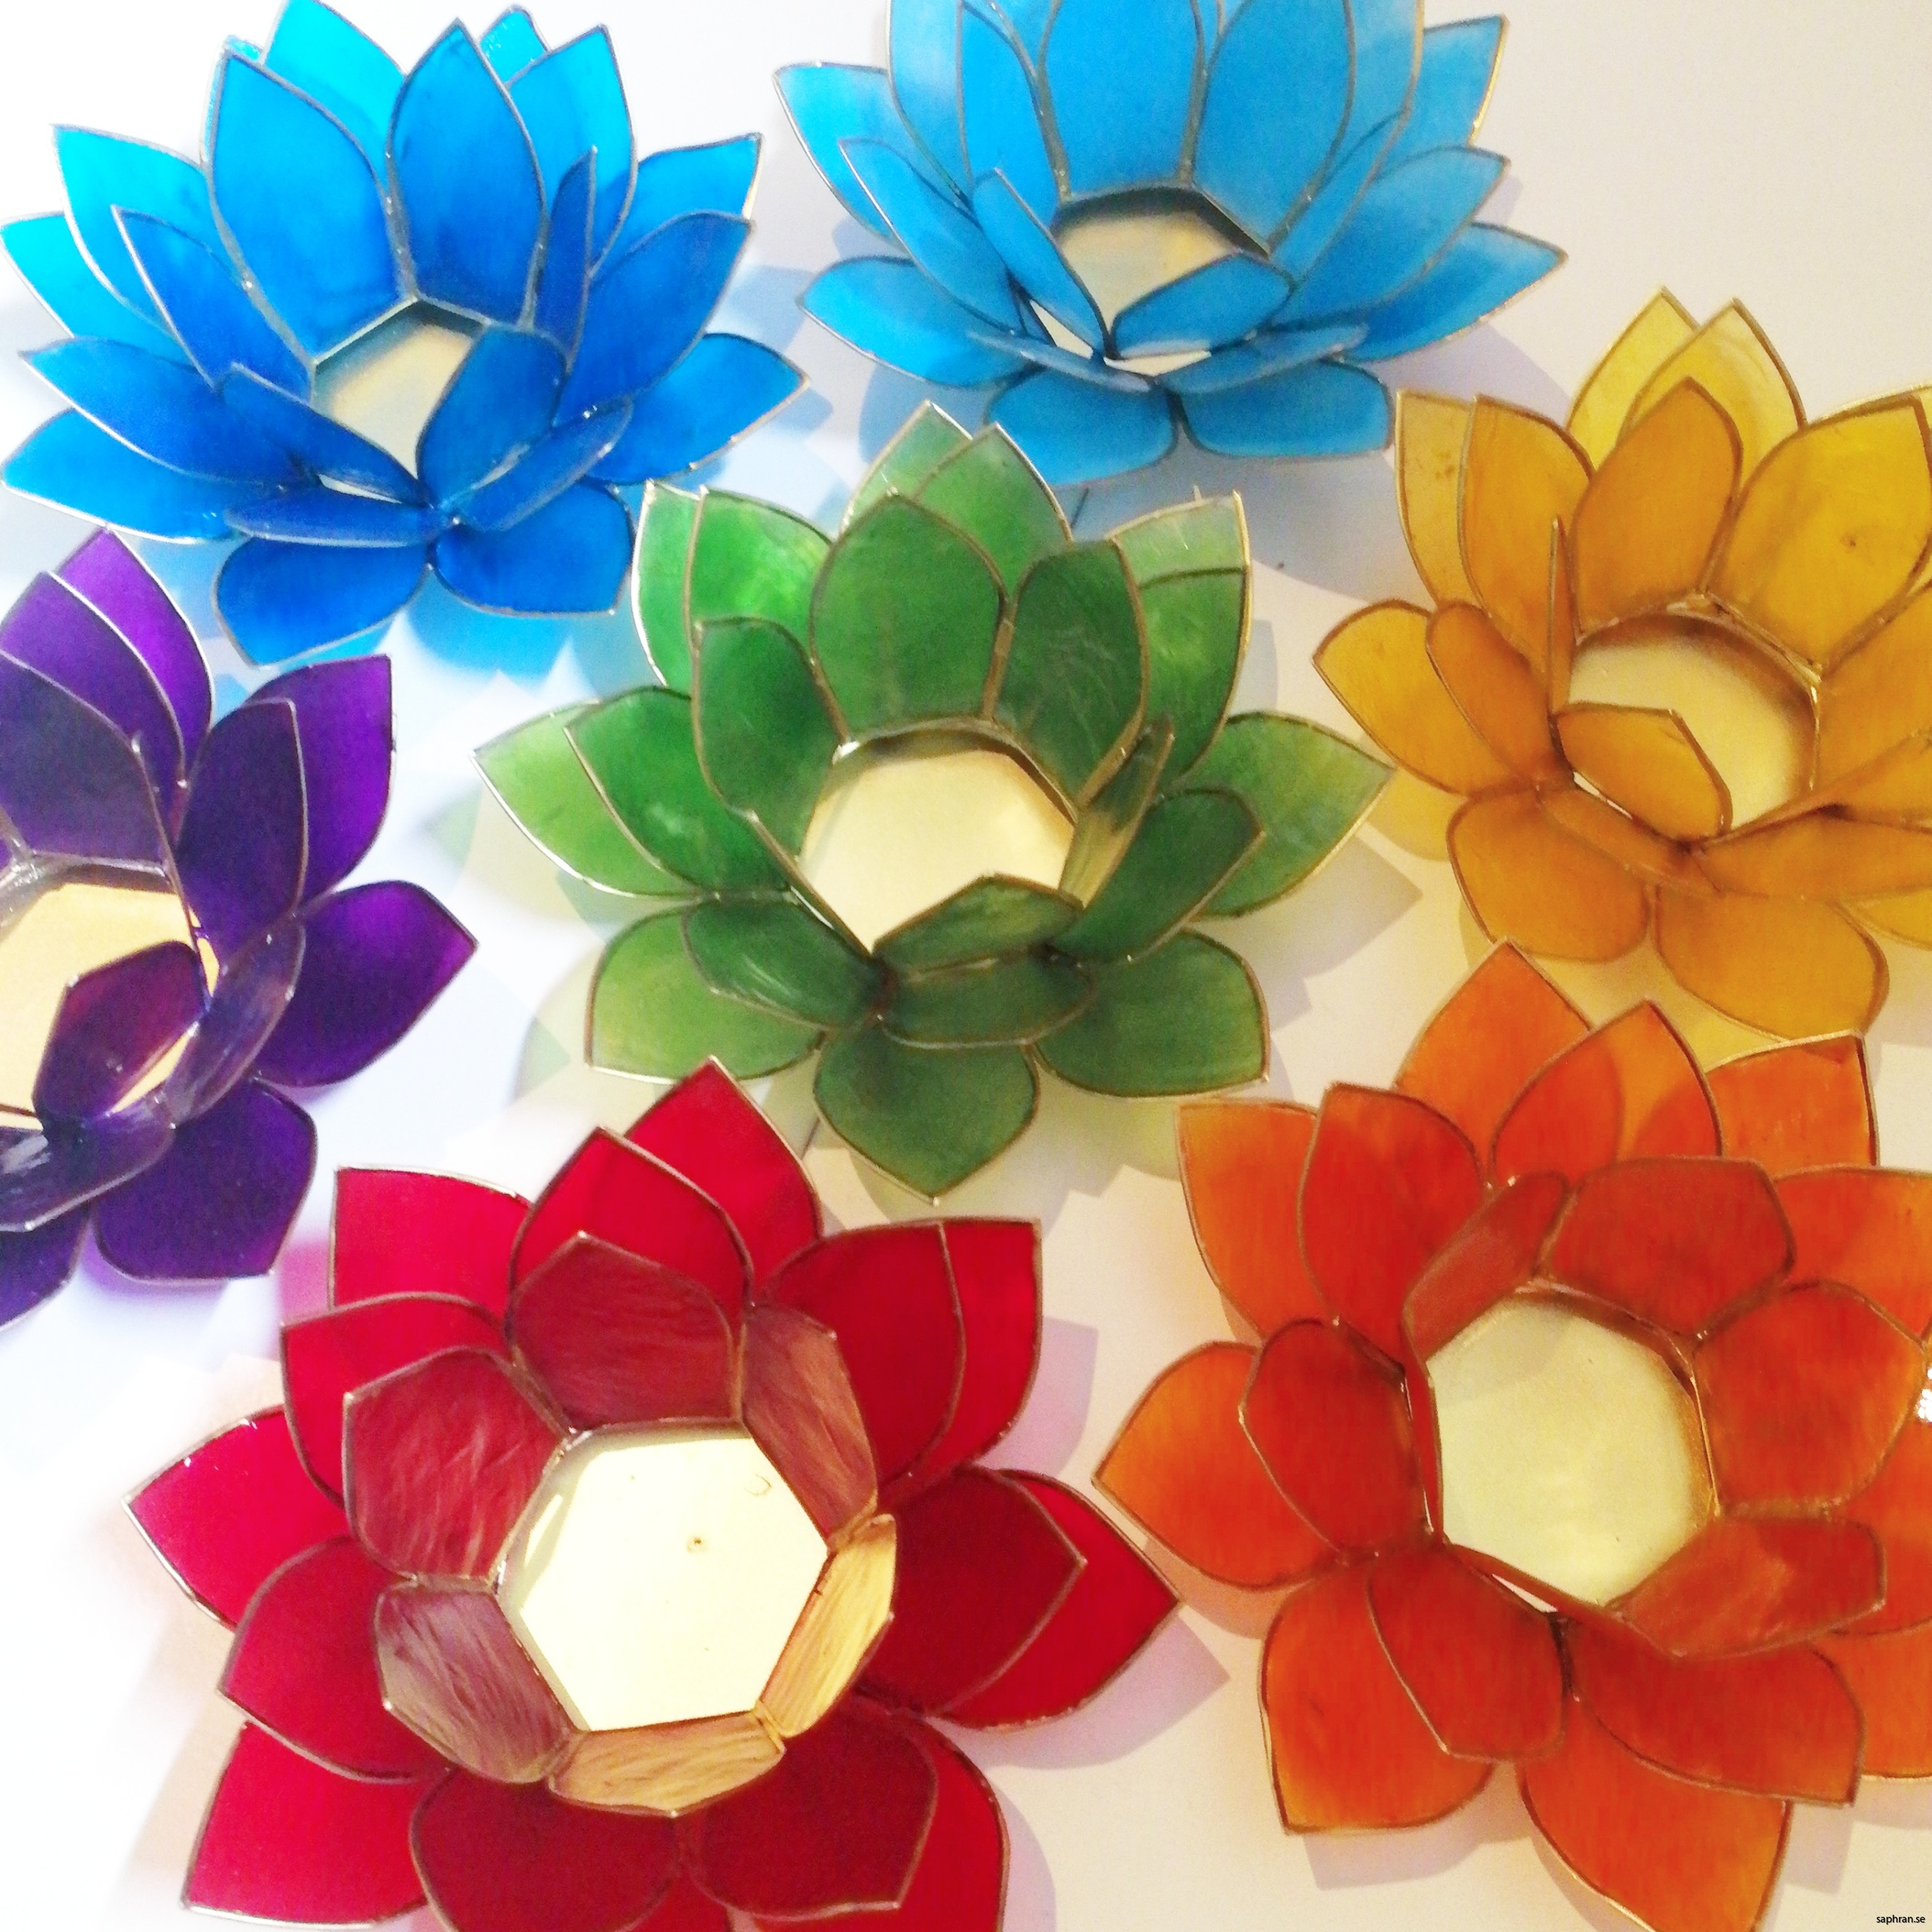 Lotusblomma ljuslykta 7 färger, chakra